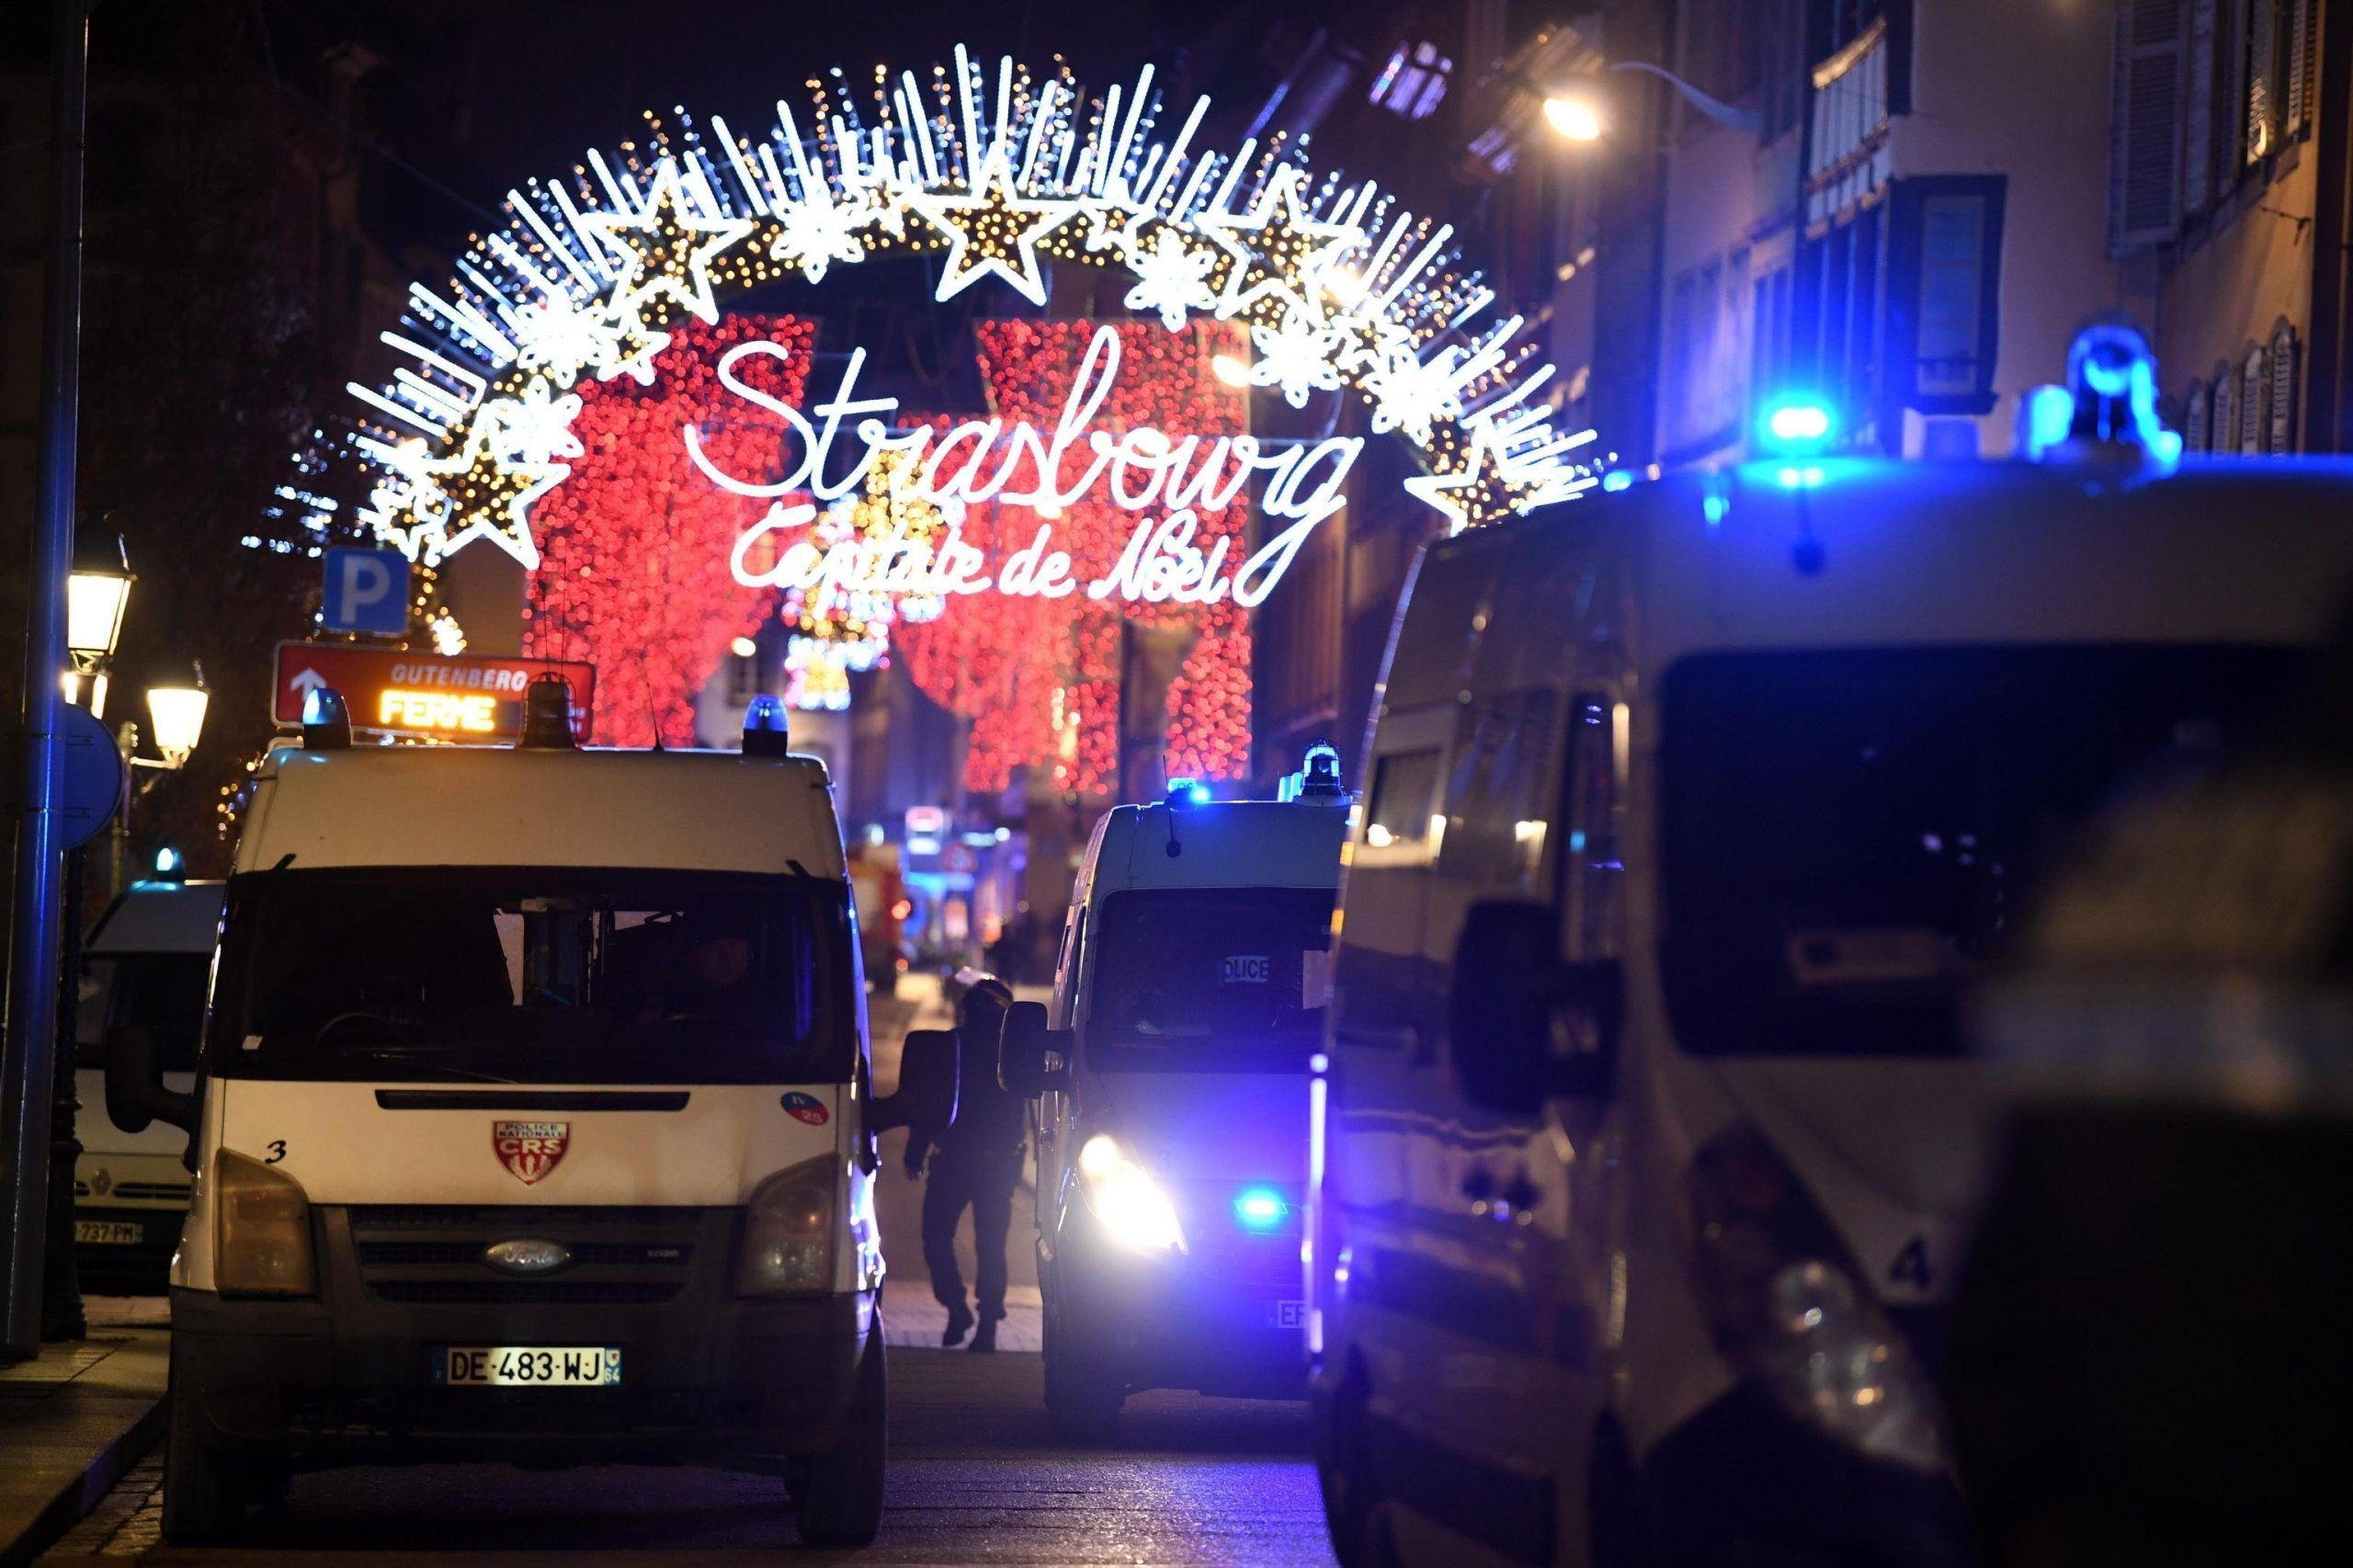 Attentato a Strasburgo, spari sulla folla al mercatino di Natale: 3 morti, grave un italiano